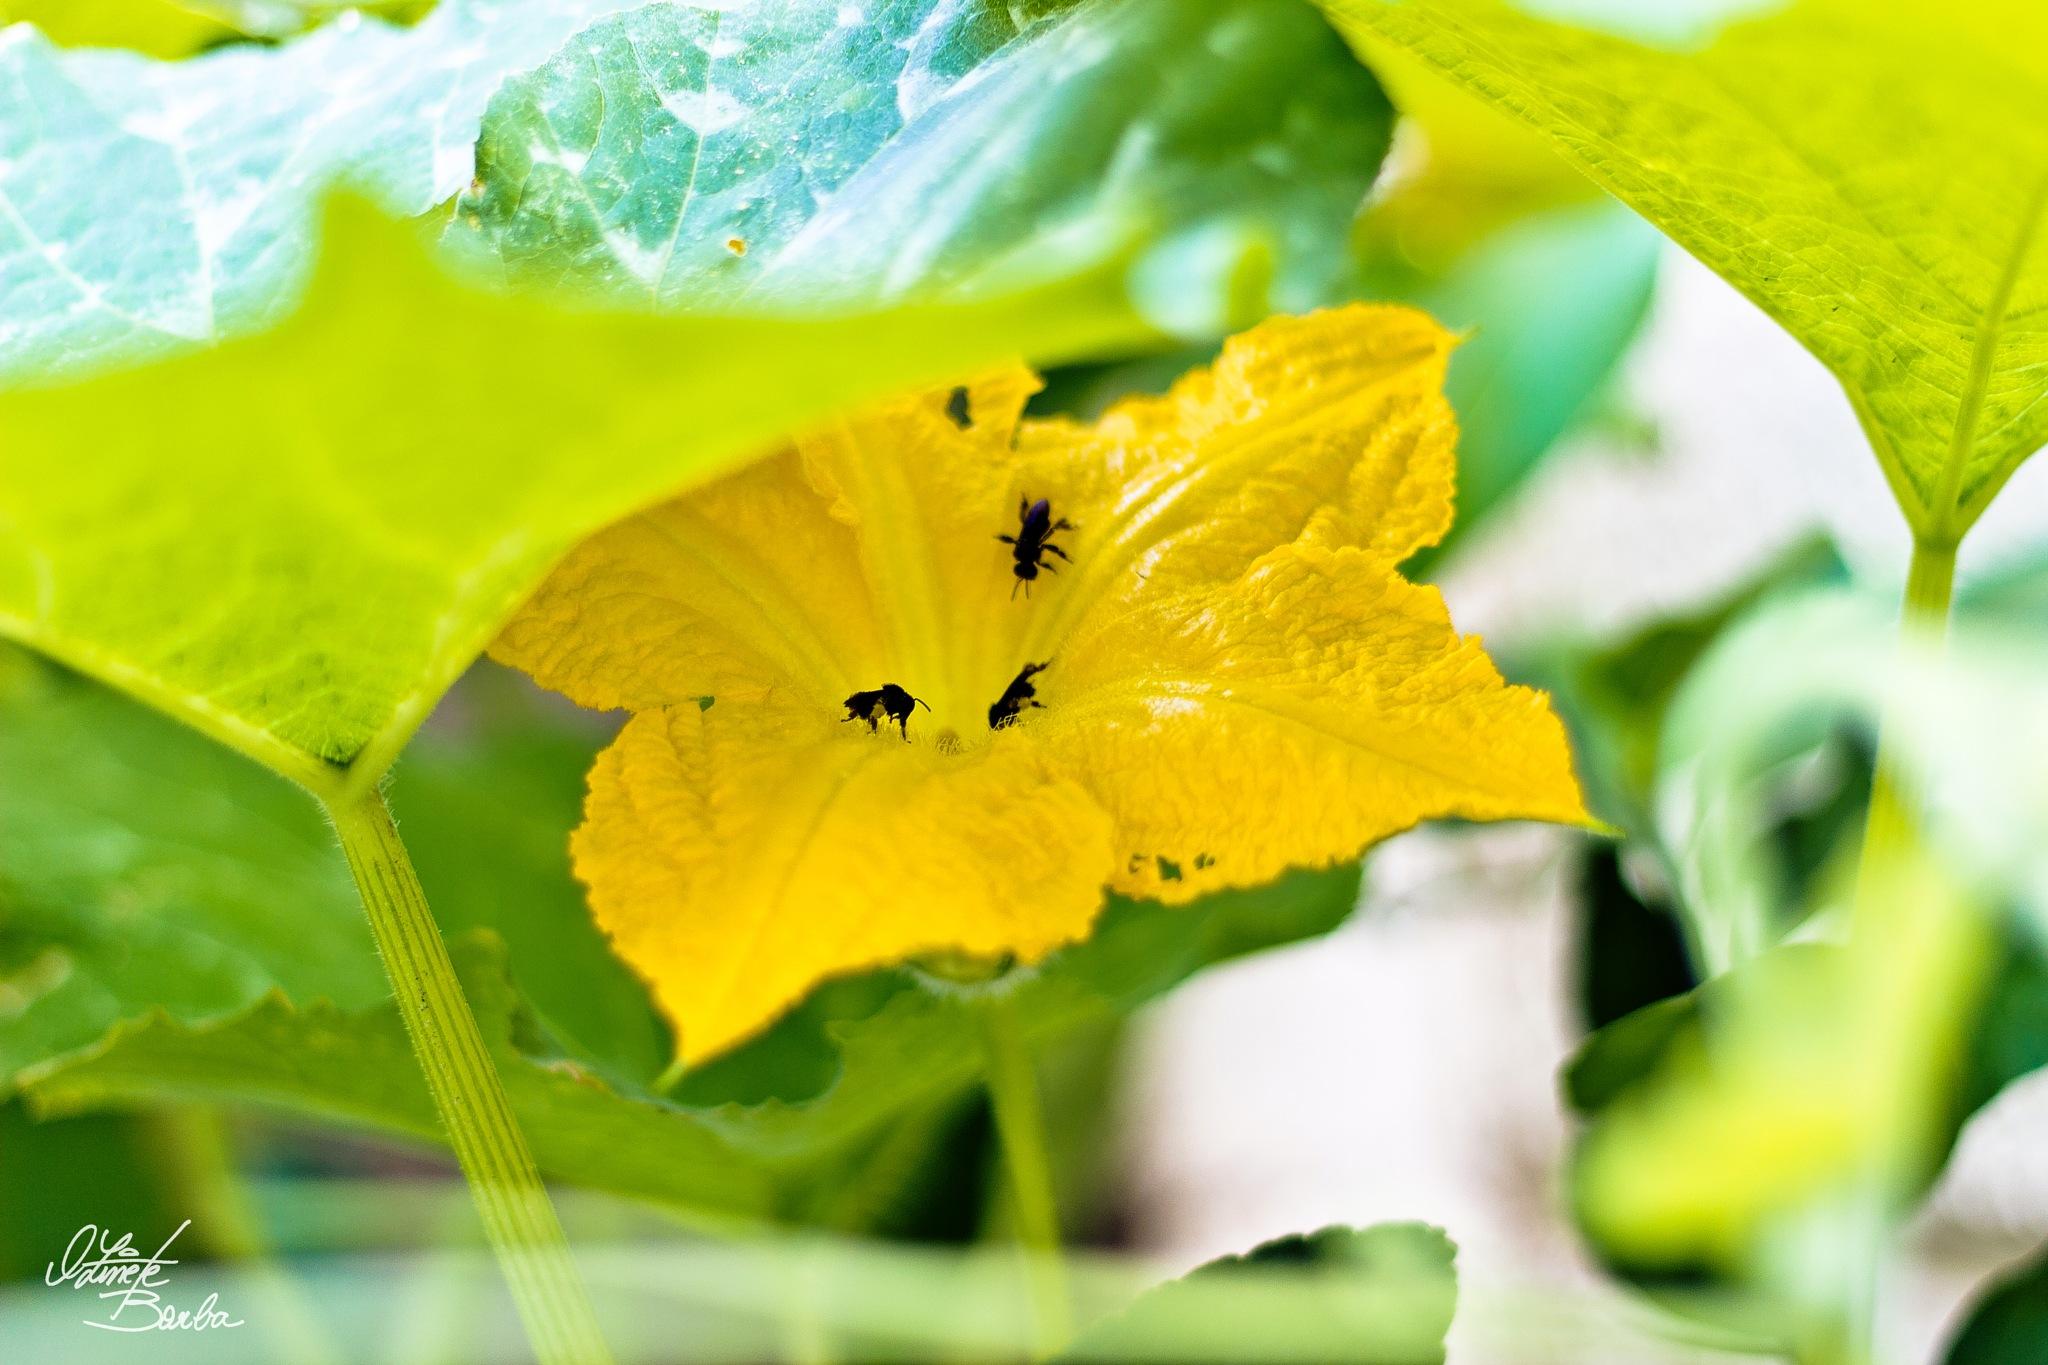 Flores do meu jardim by Oz Borba